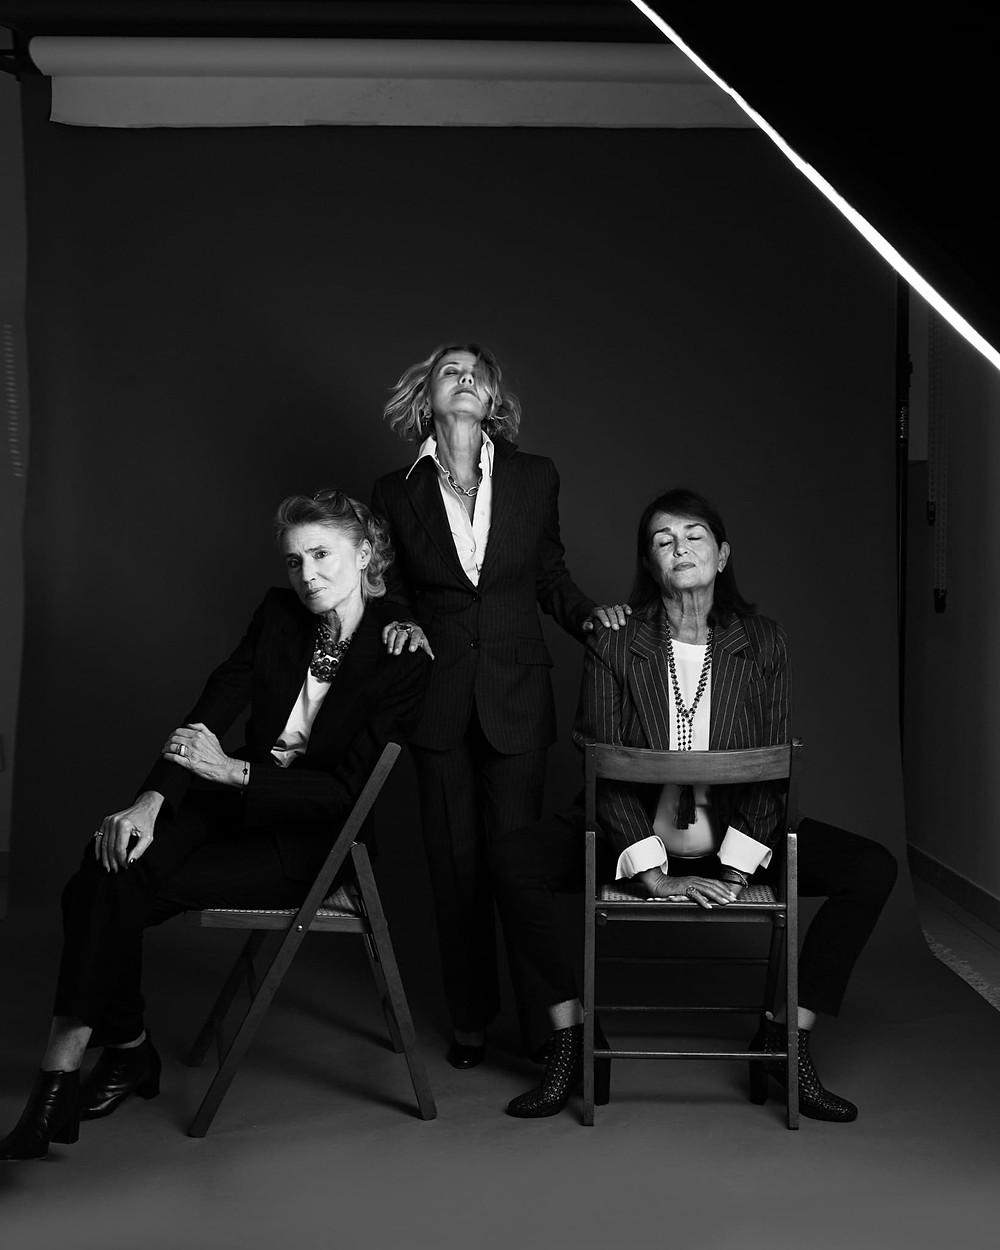 magnifiche perennial, isabella, marilli e paola: fotografate da federica nardese in una sessione di ritratto posato in studio a milano, 2020